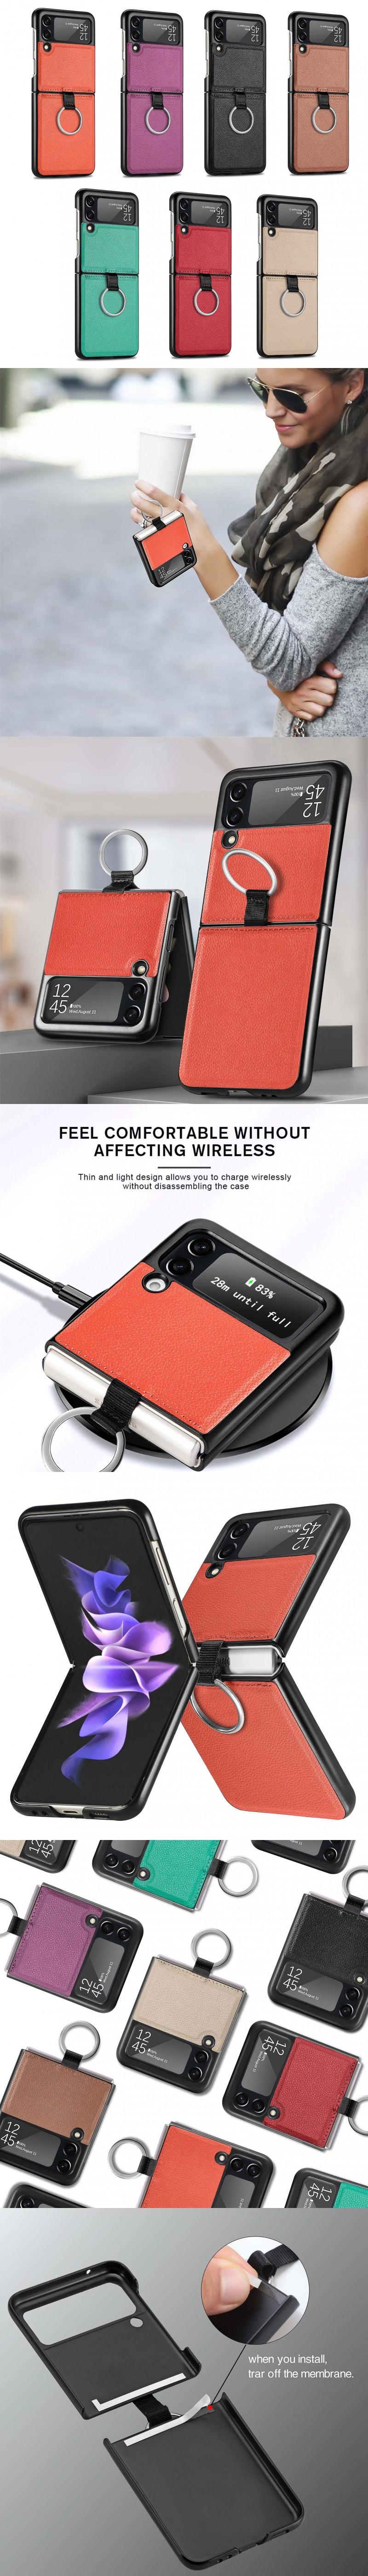 공장직배송 업체 201101 삼성 갤럭시 제트플립3 핸드폰케이스 z플립3 기성품구매 및 주문제작